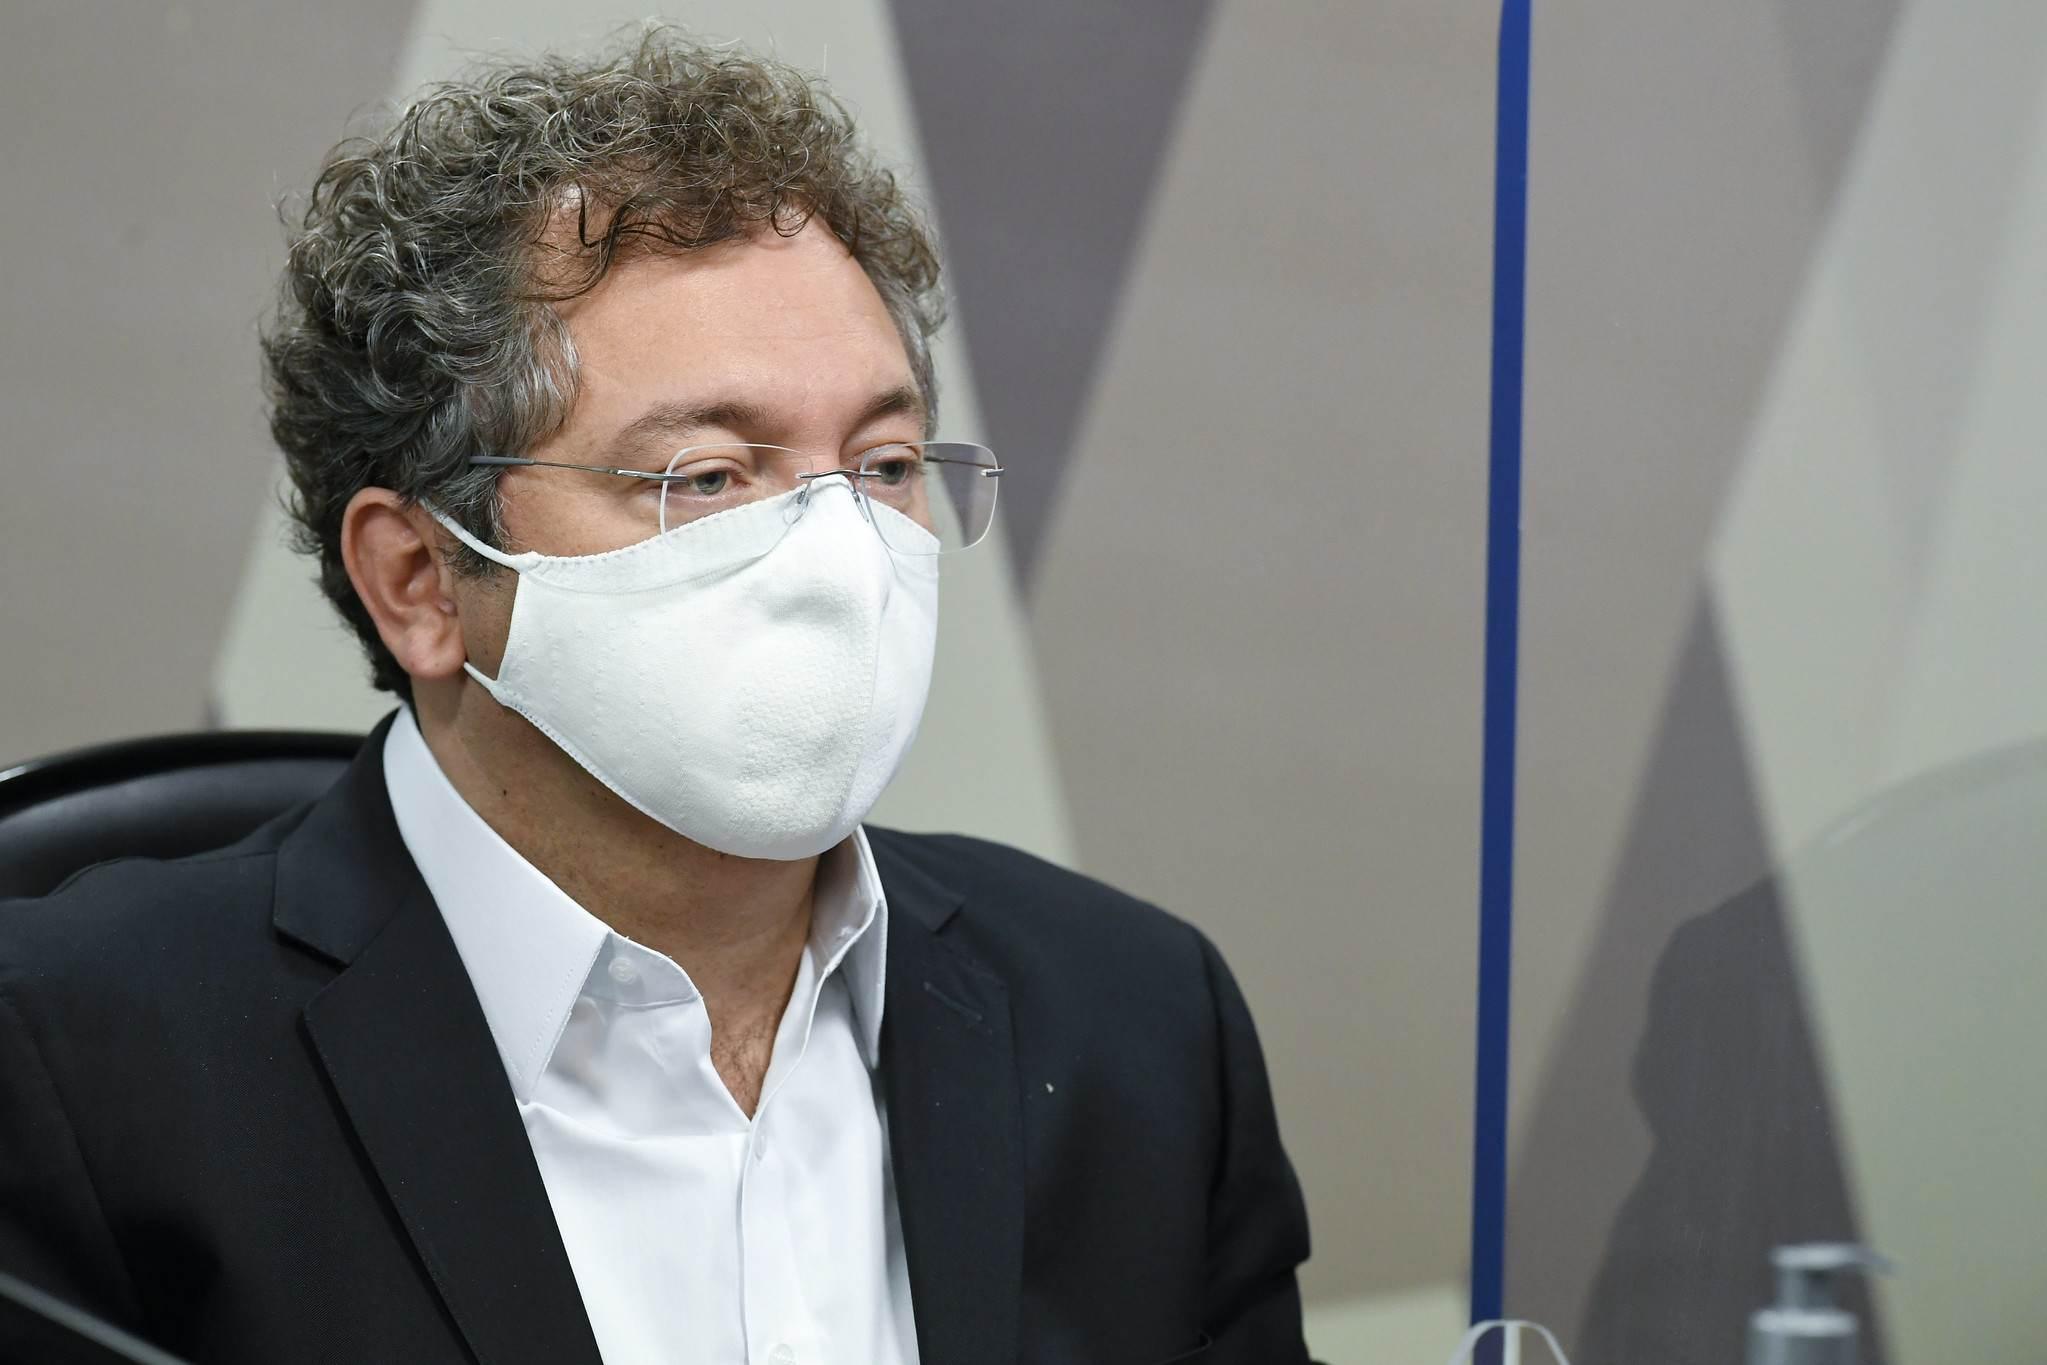 Dono da Precisa Medicamentos, Francisco Maximiano, em depoimento à CPI da Covid